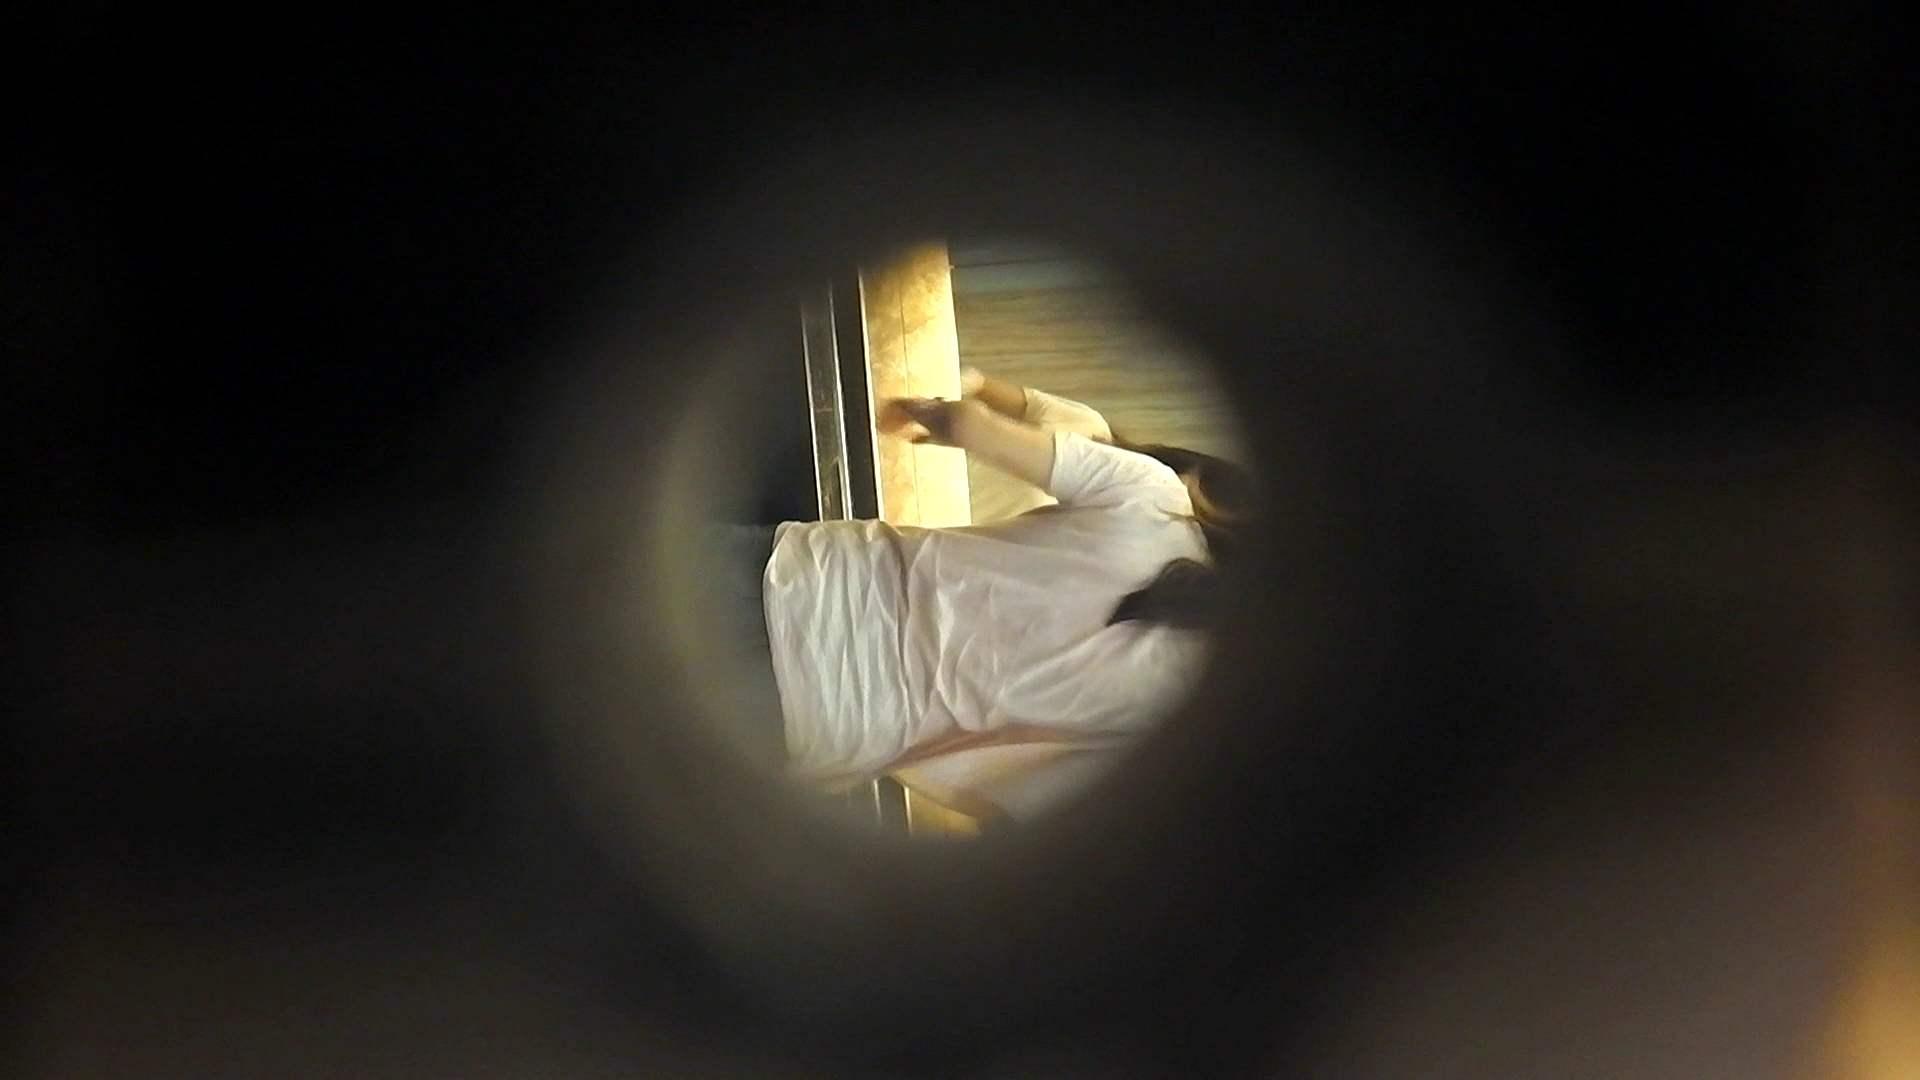 阿国ちゃんの「和式洋式七変化」No.5 和式で踏ん張り中   洗面所  39連発 31